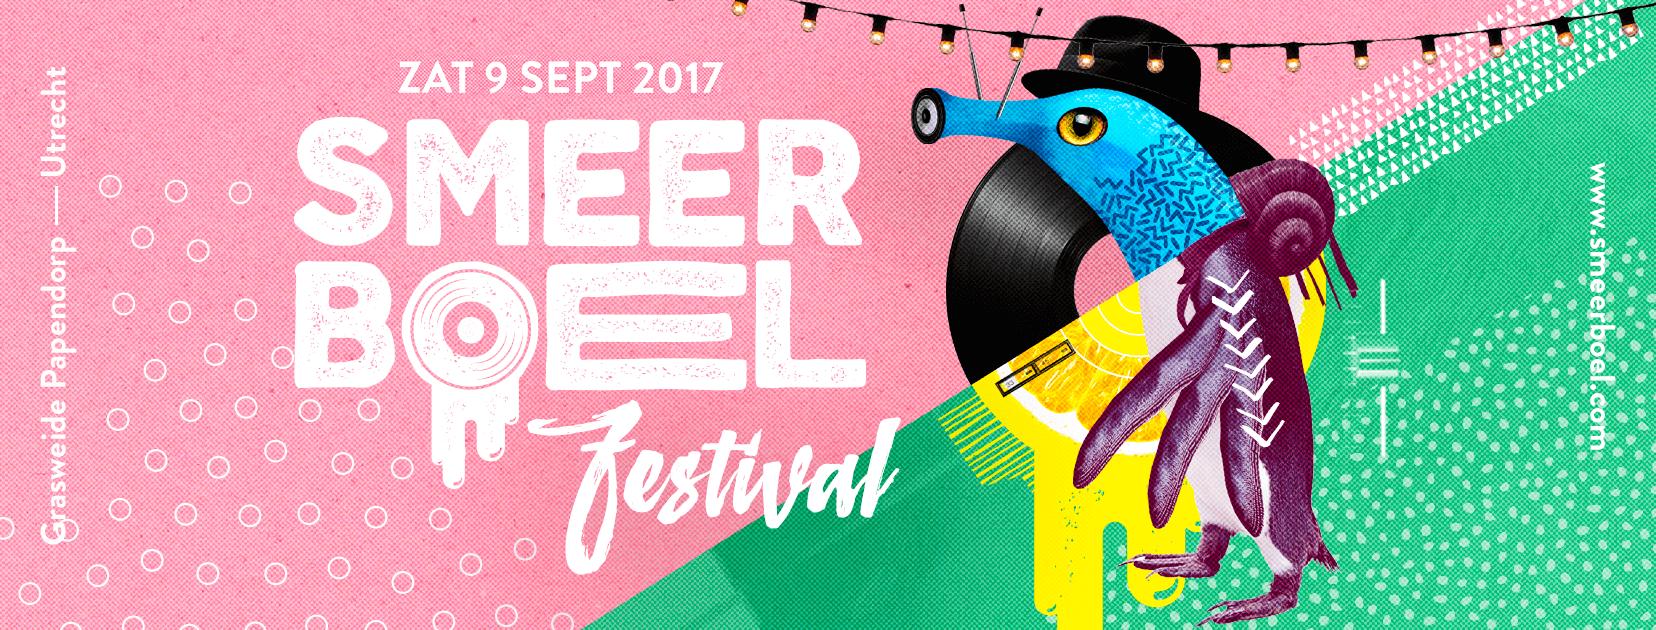 Smeerboel 2017-Facebook-EVENT-315x828p